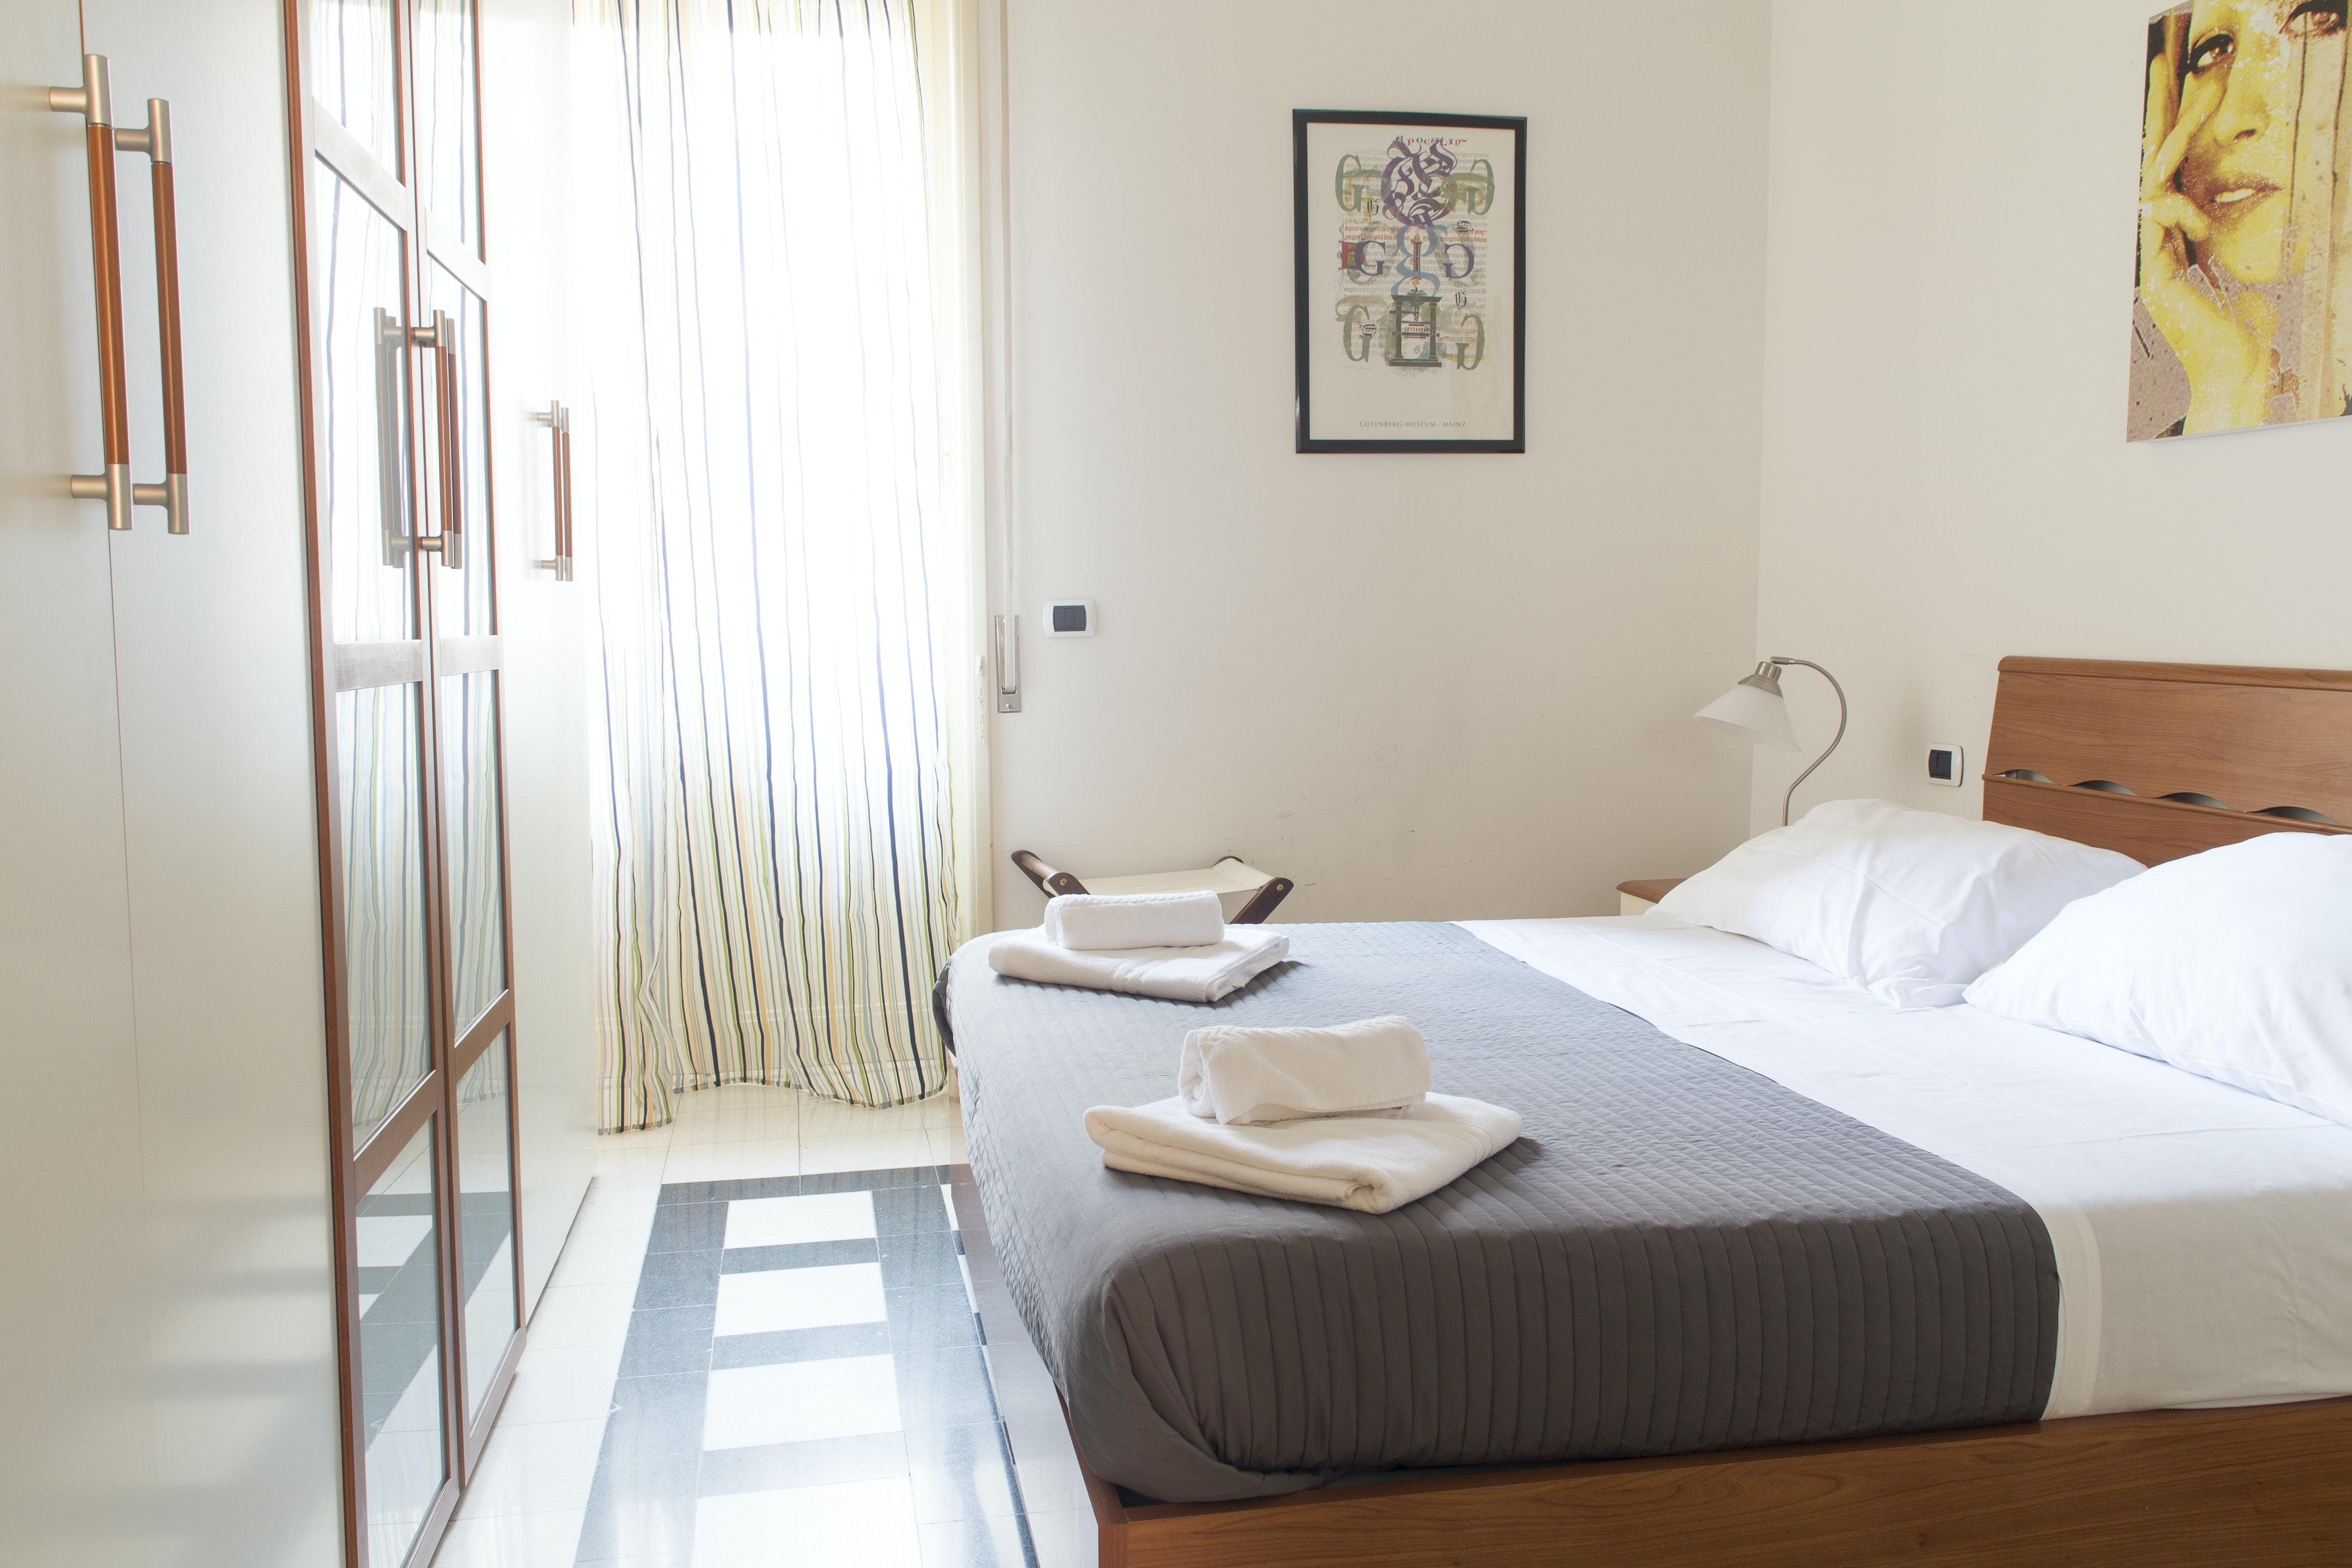 bedroom celio furniture cosy. Pictures. Bedroom Celio Furniture Cosy